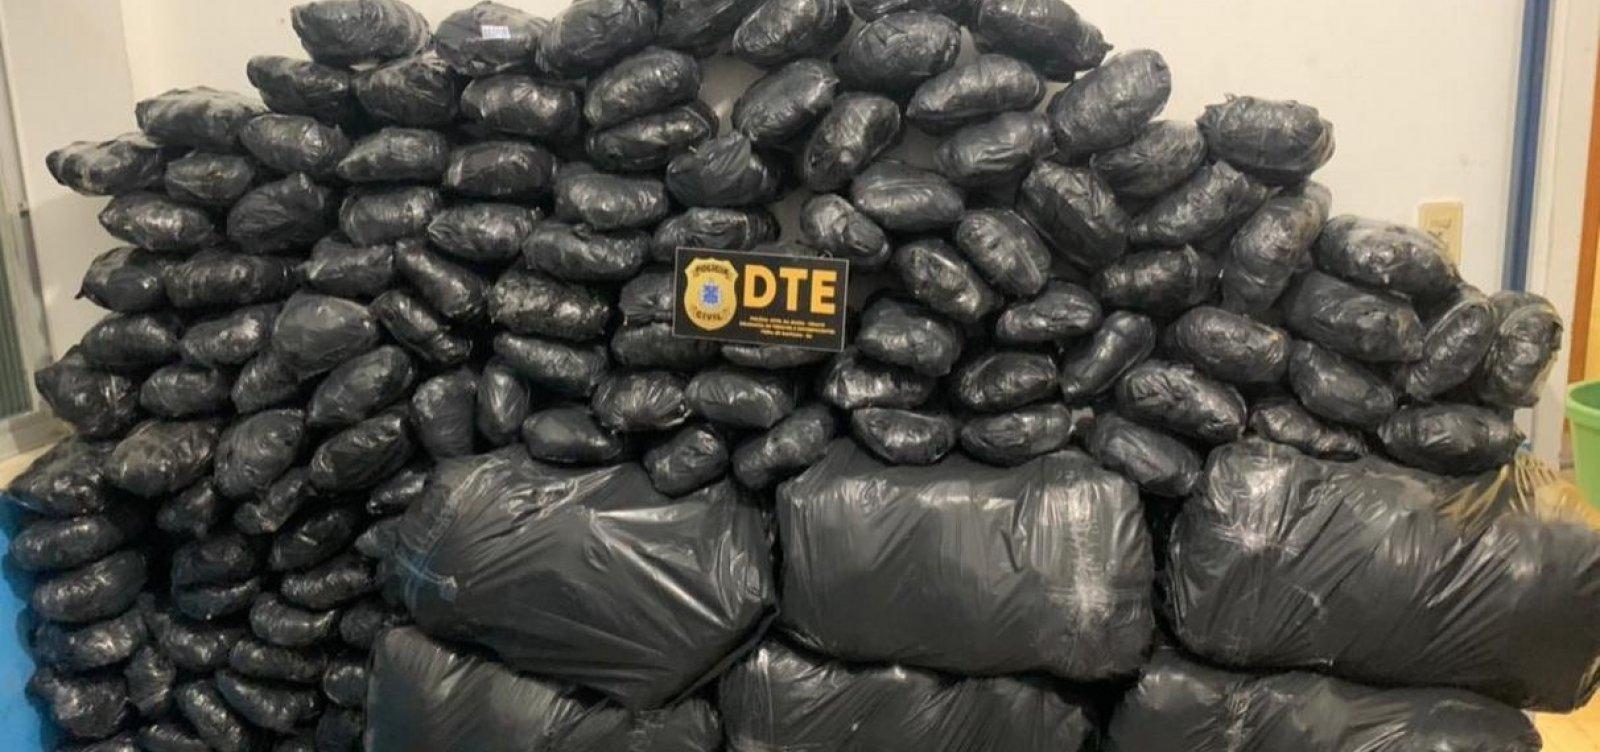 [Operação da Polícia Civil em Feira de Santana apreende 300kg de maconha]